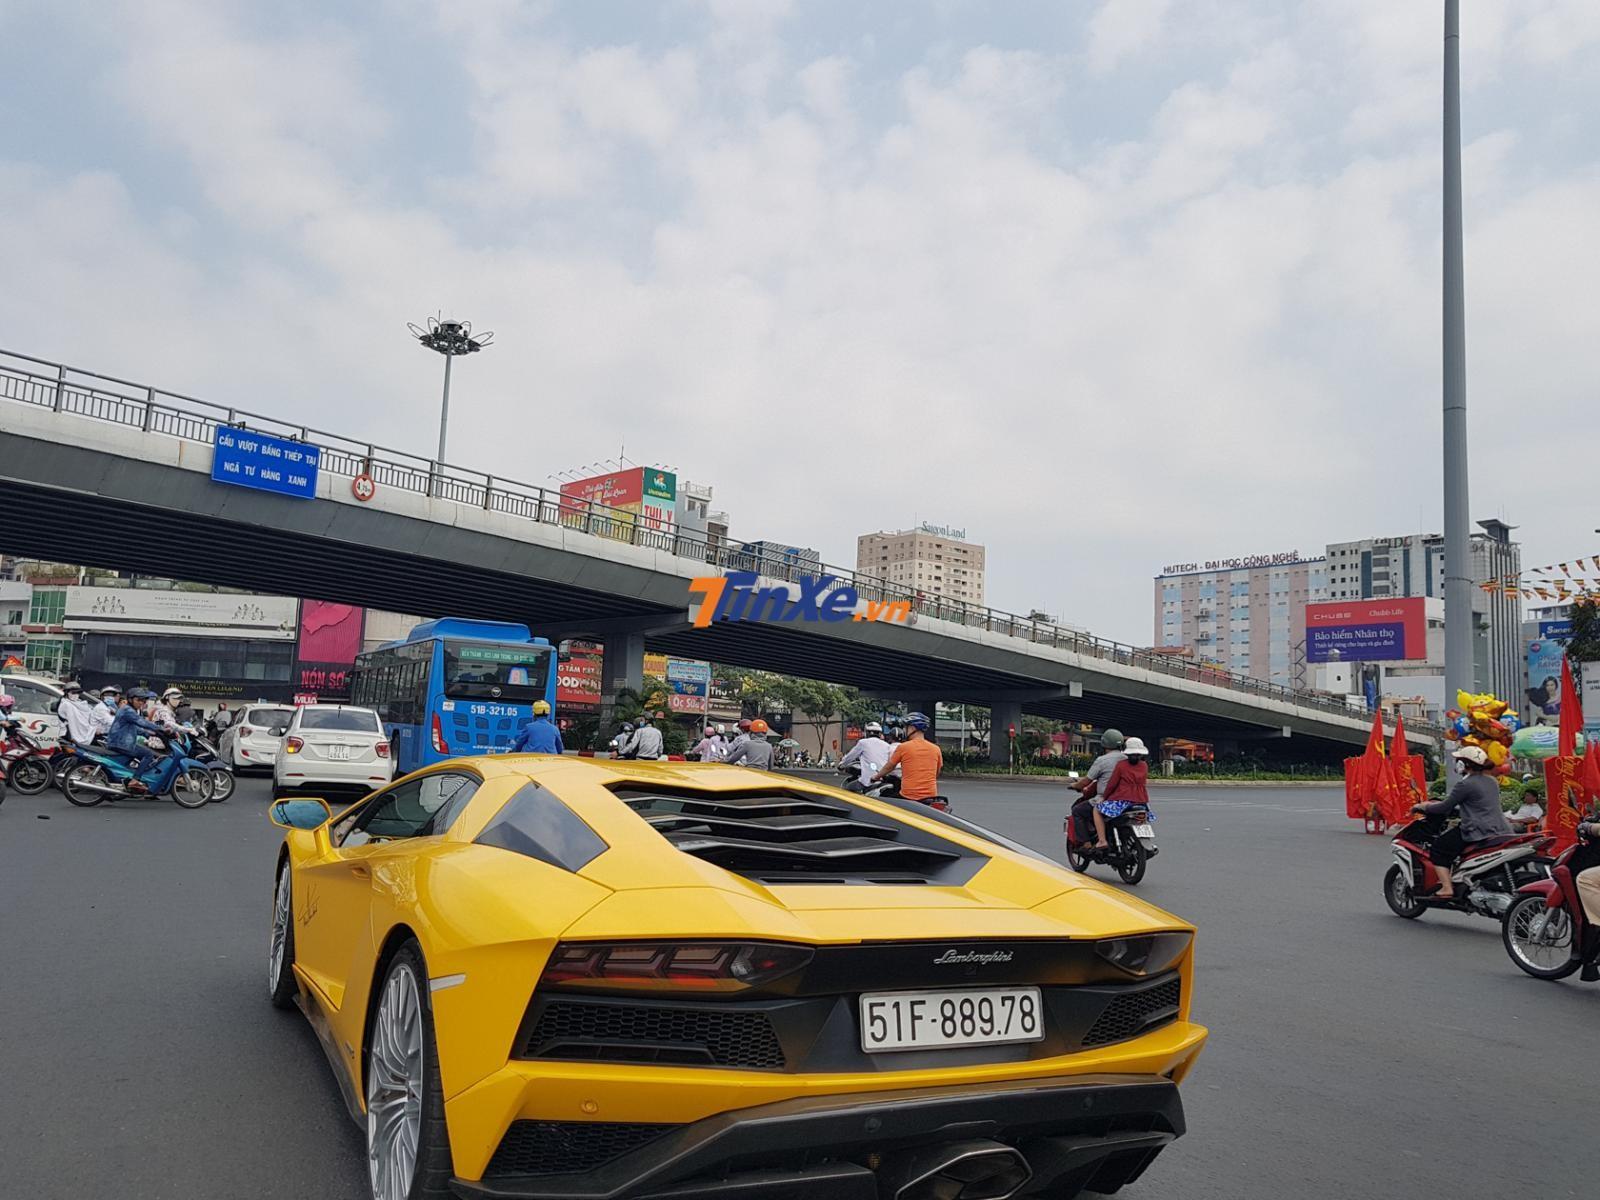 Để có thể cho chiếc siêu xe Lamborghini Aventador S LP740-4 lăn bánh tại thị trường Việt Nam với biển trắng, doanh nhân quận 12 đã bỏ ra số tiền 48 tỷ đồng